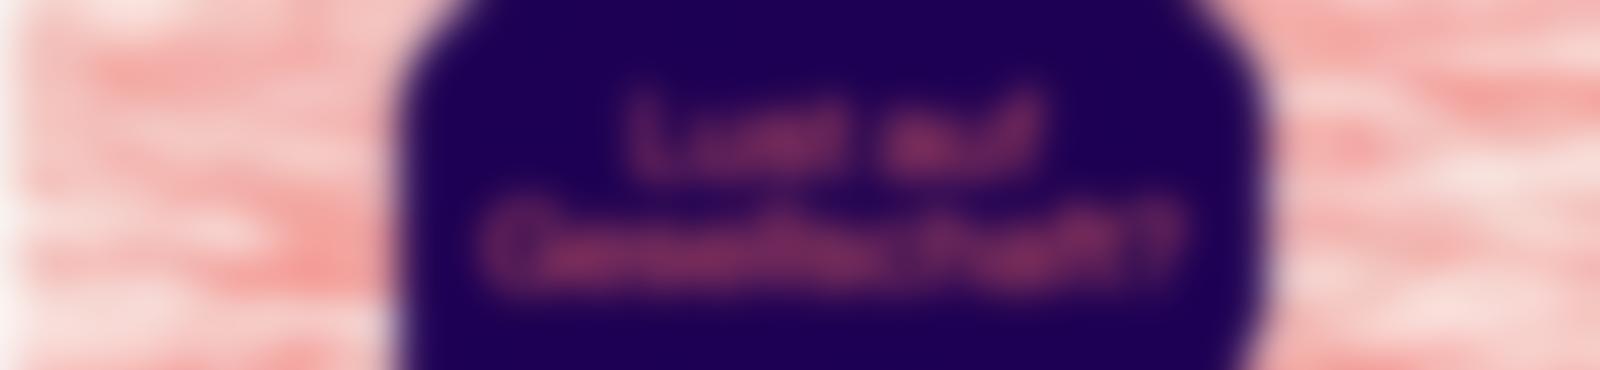 Blurred 09b9129f a8ab 4bbe bd3f 4c267f740969